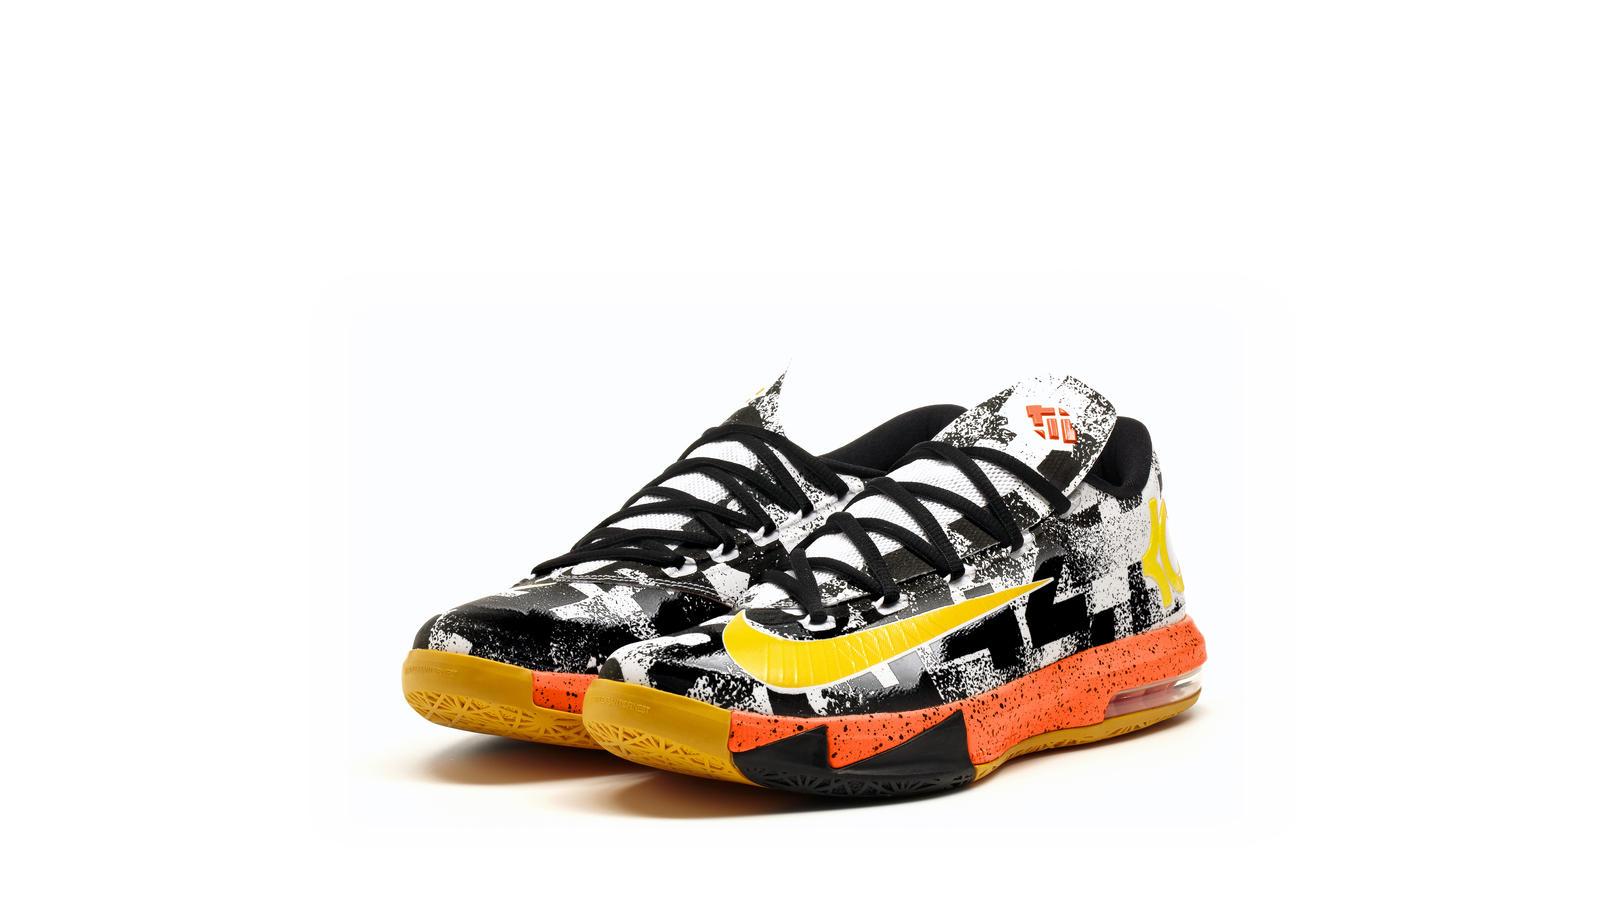 kd 2014 shoes